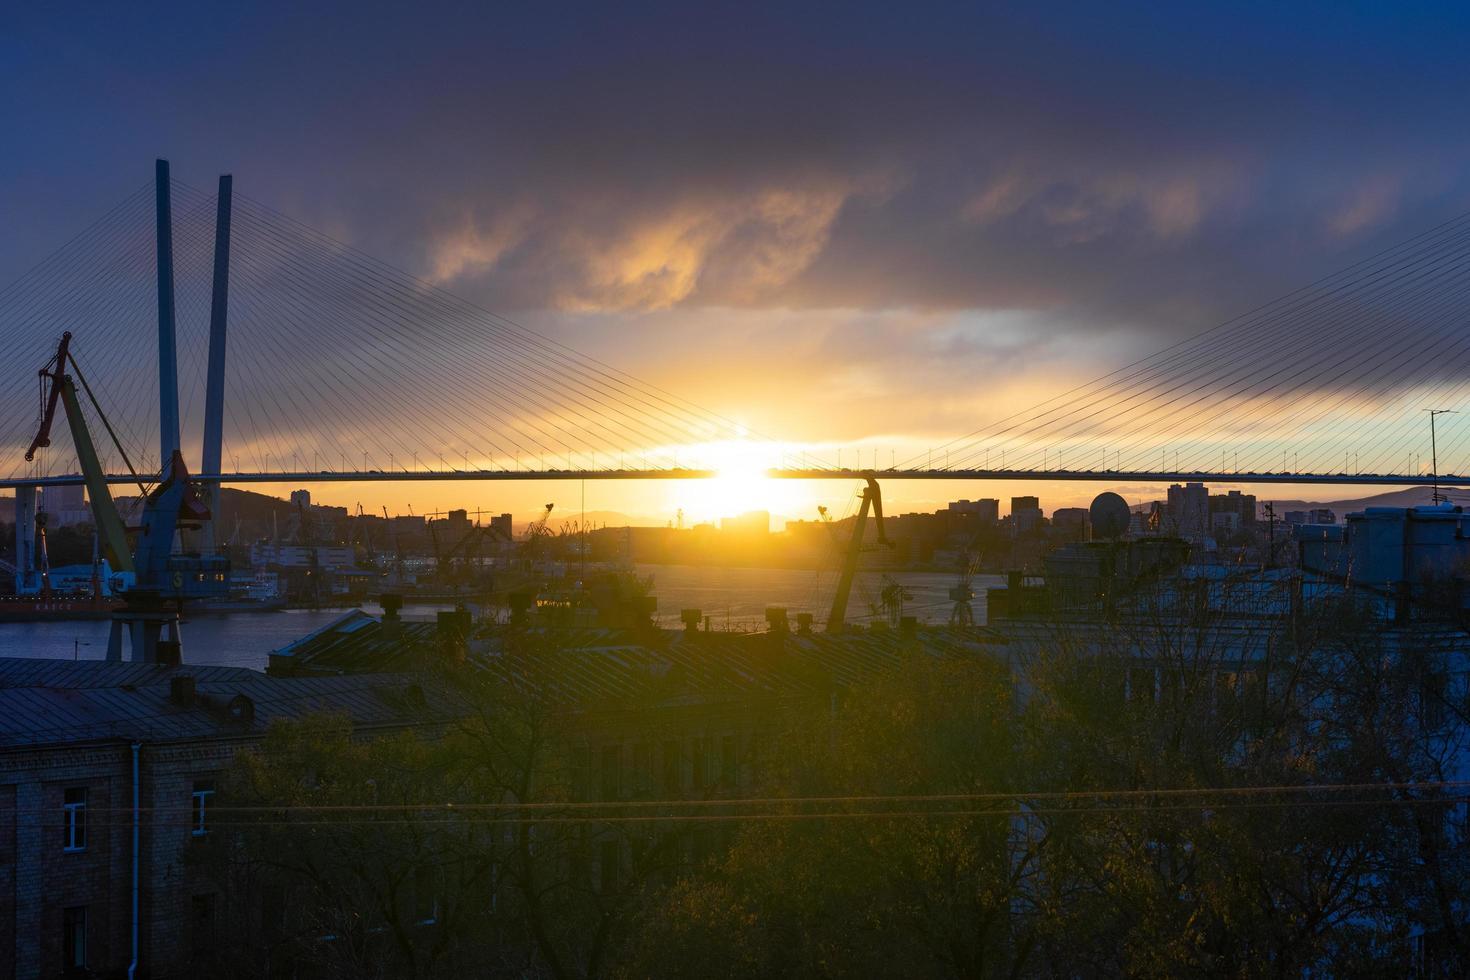 de skyline van de stad in het zonsonderganglicht. foto